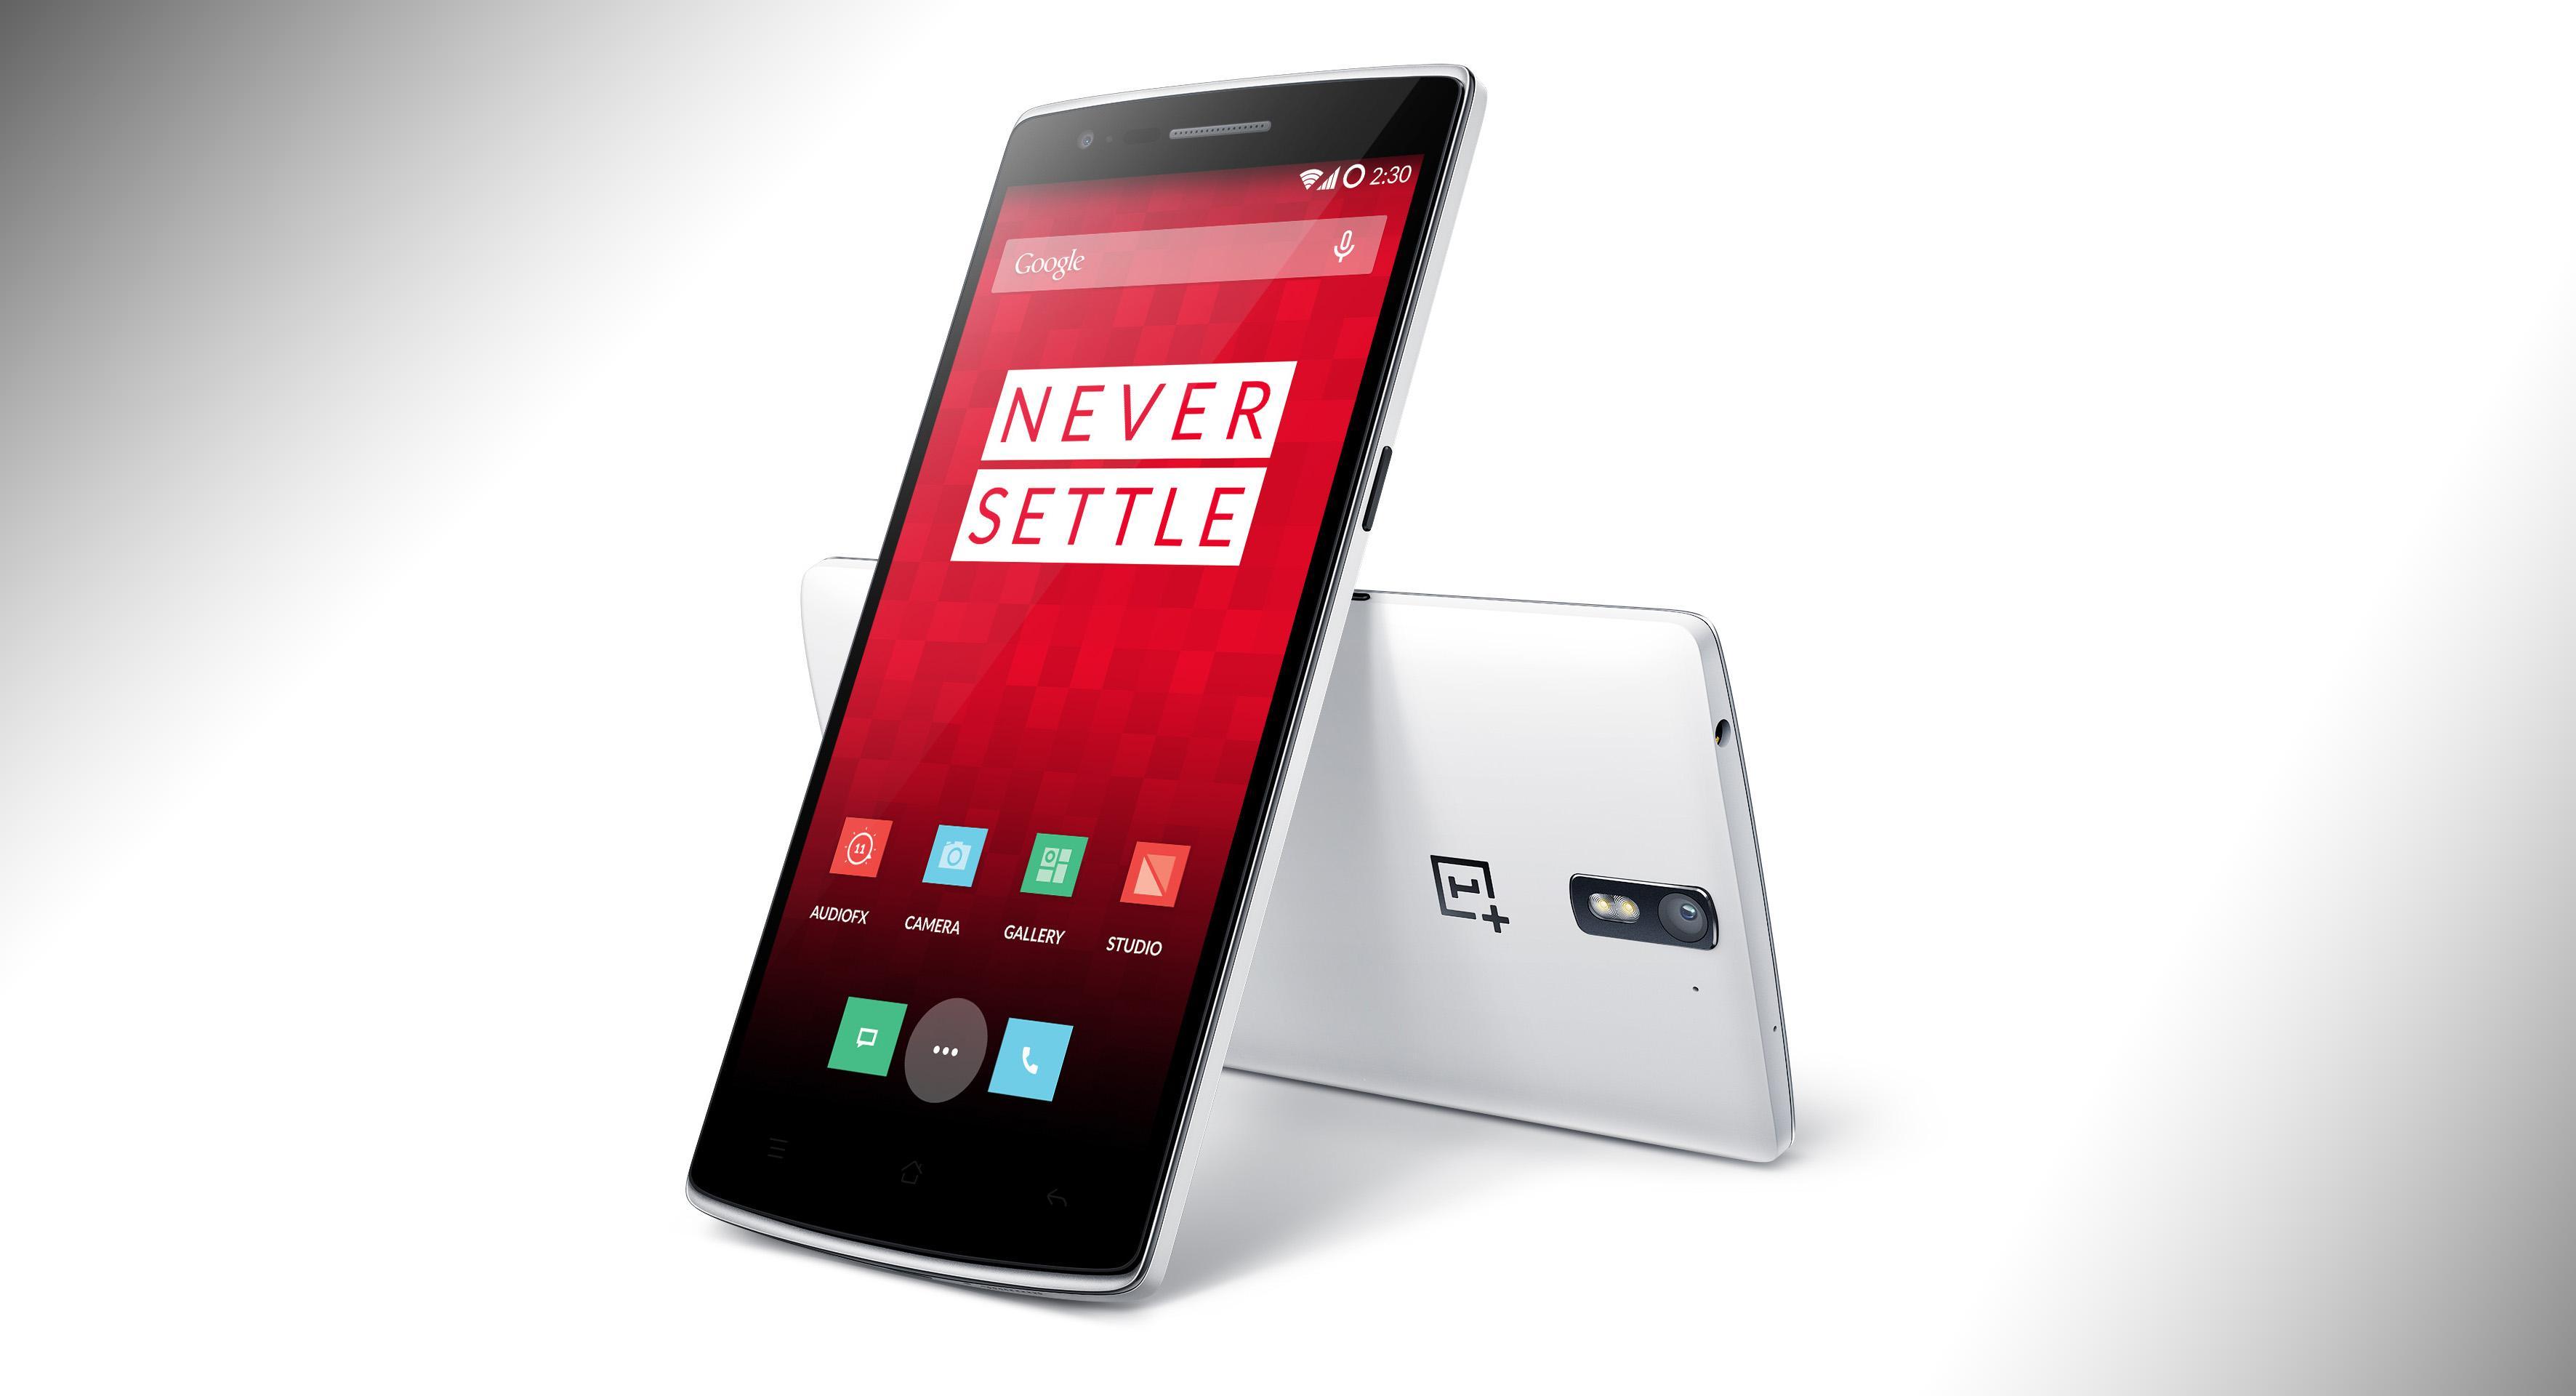 Originalen, OnePlus One ble en voldsom suksess for produsenten, selv om den bare kunne kjøpes med invitasjoner og selskapet gikk på flere markedsføringsblemmer underveis. Foto: OnePlus